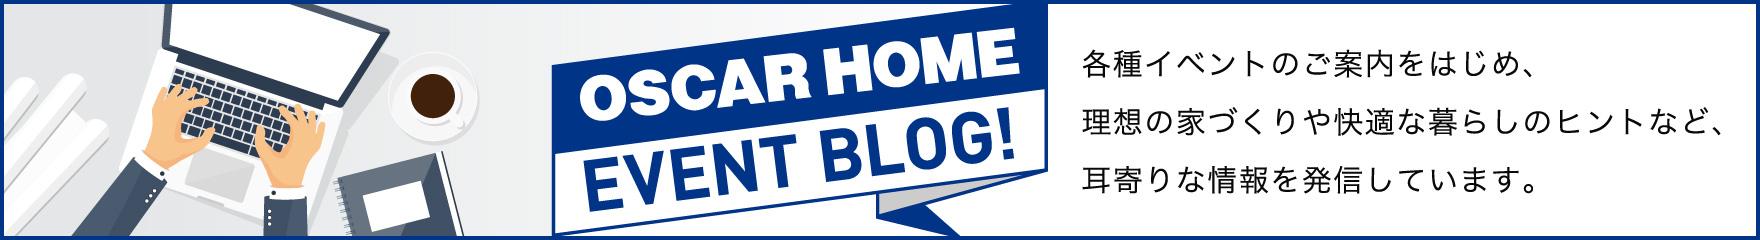 各種イベントのご案内をはじめ、理想の家づくりや快適な暮らしのヒントなど、耳寄りな情報を発信しています。